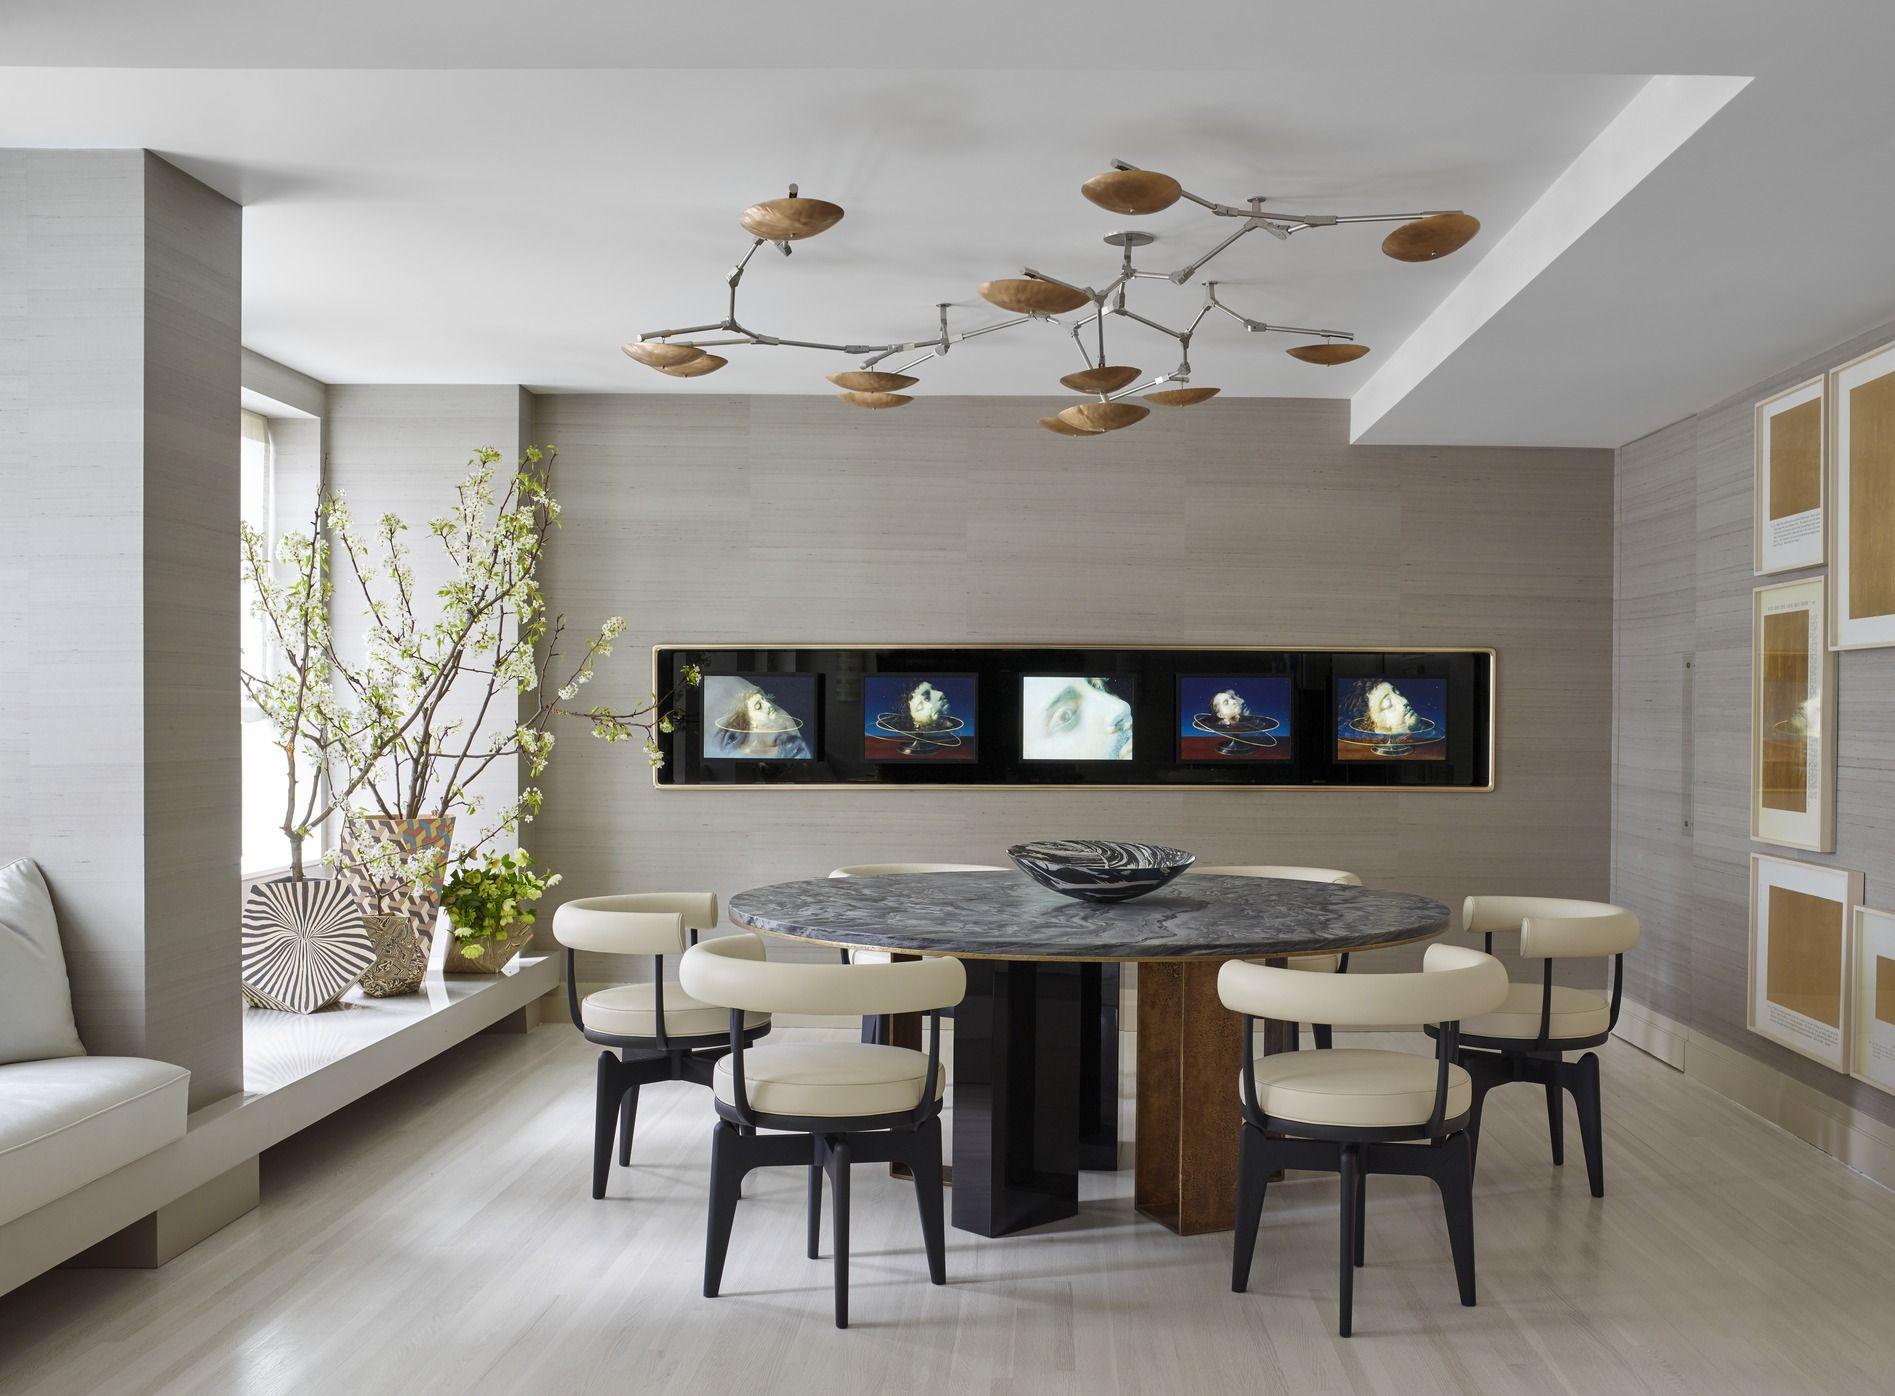 dining room renovation ideas - 17.3.dansbosch.nl •